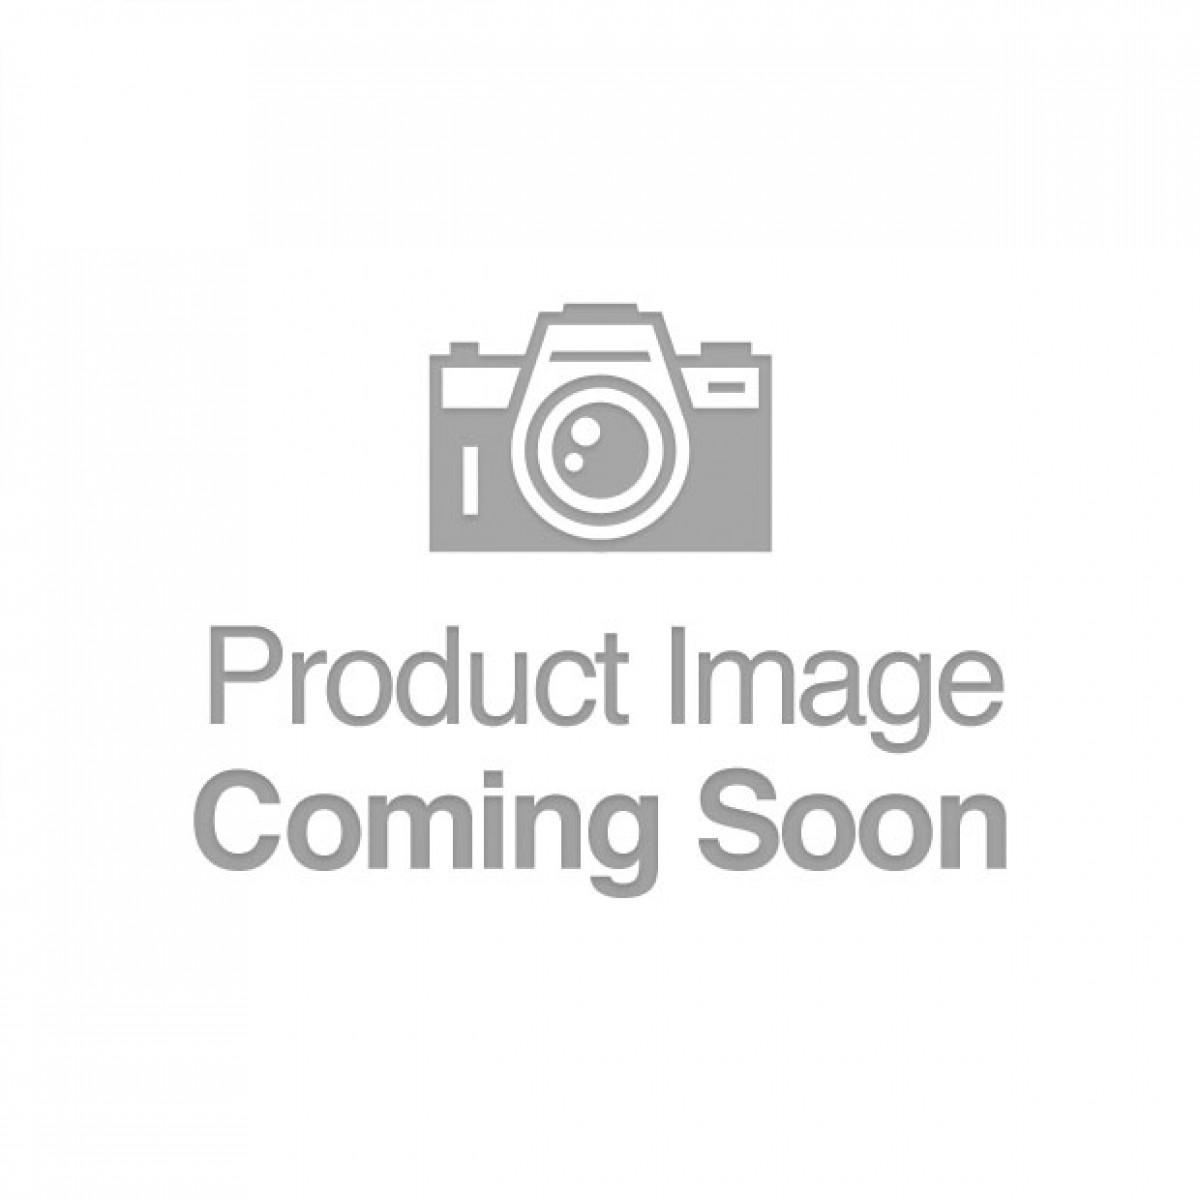 Master Series Dark Curved Anal Trainer - Black 3 Piece Set